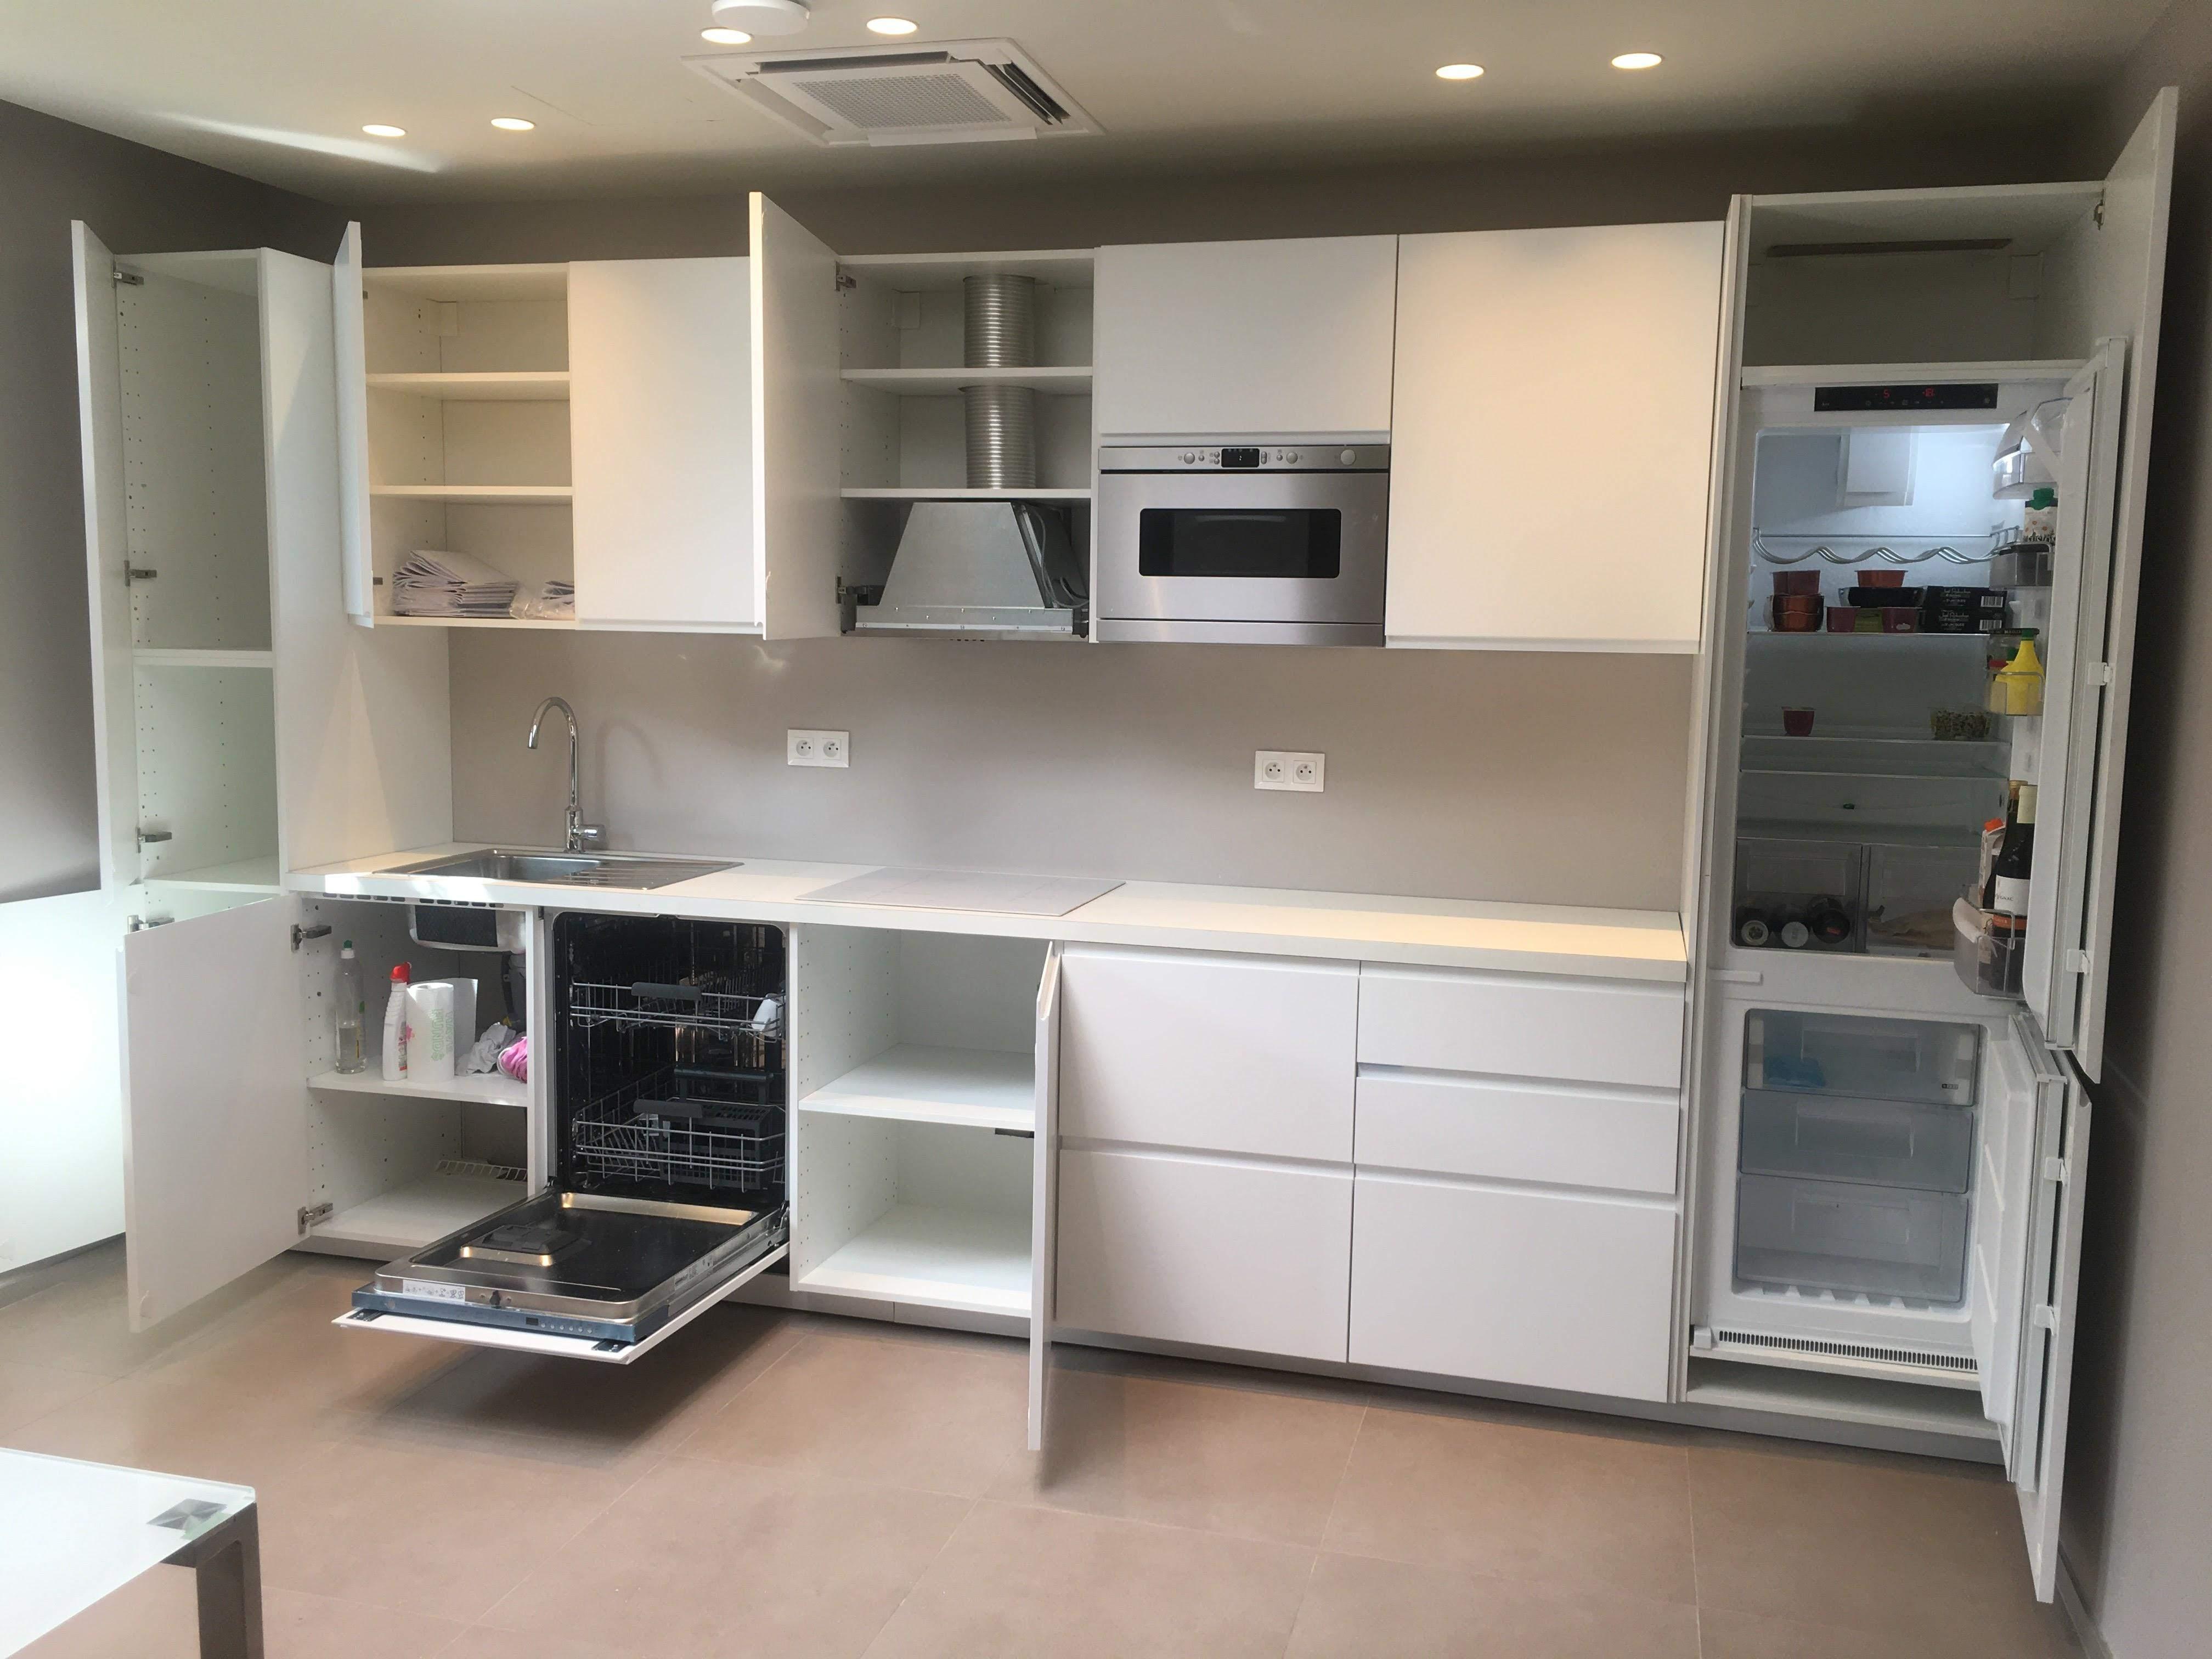 poseur de cuisine awesome ikea cuisine ile de france awesome poseur de cuisine ikea gallery. Black Bedroom Furniture Sets. Home Design Ideas